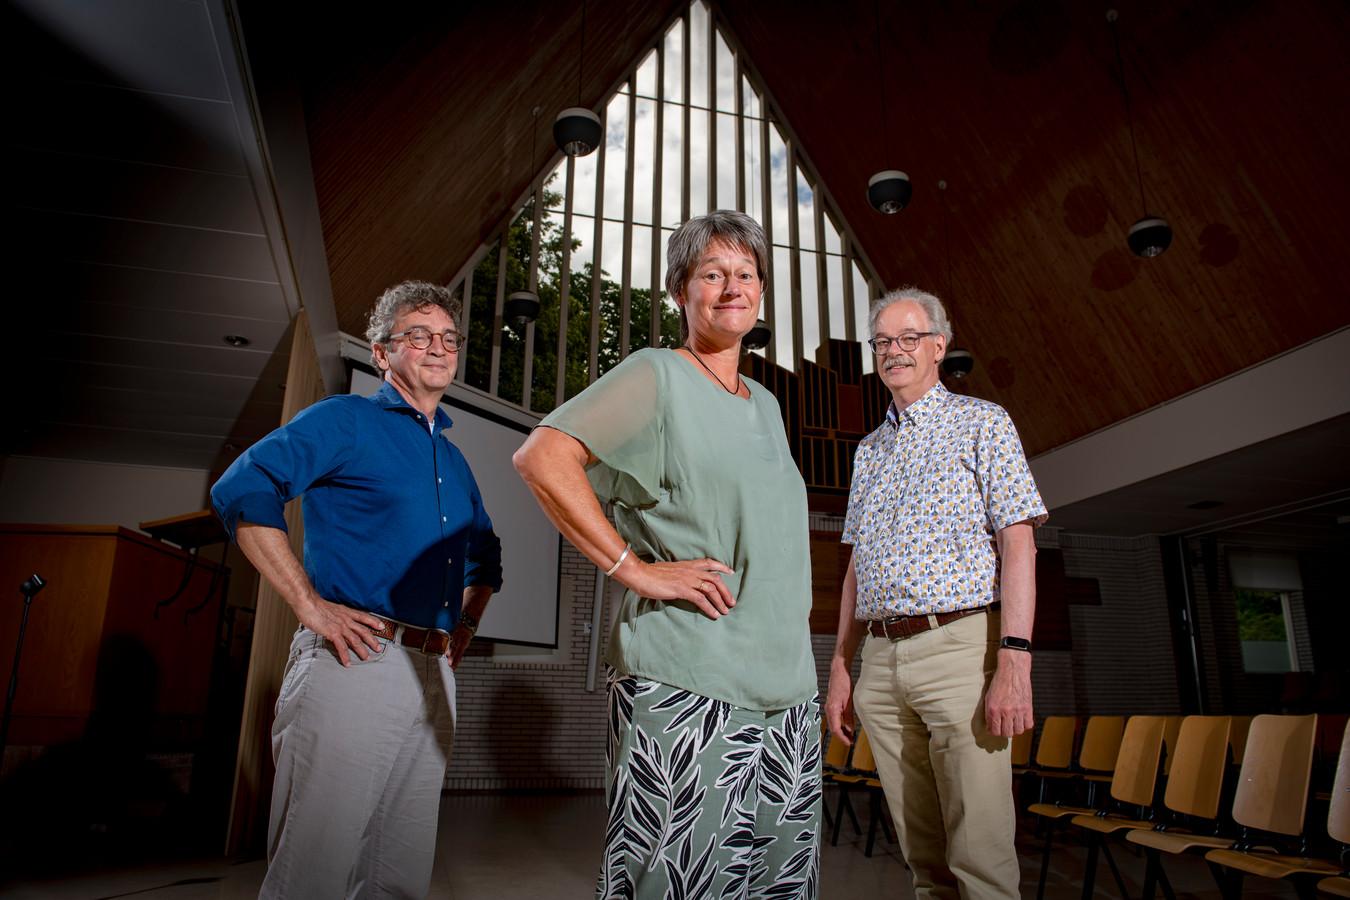 Musicus Harrie Poulssen, regisseur Carla Aalbers en predikant Henk van Veldhuizen zijn voor het eerst sinds corona weer bij elkaar met hun musicalgroep in Hasselt.